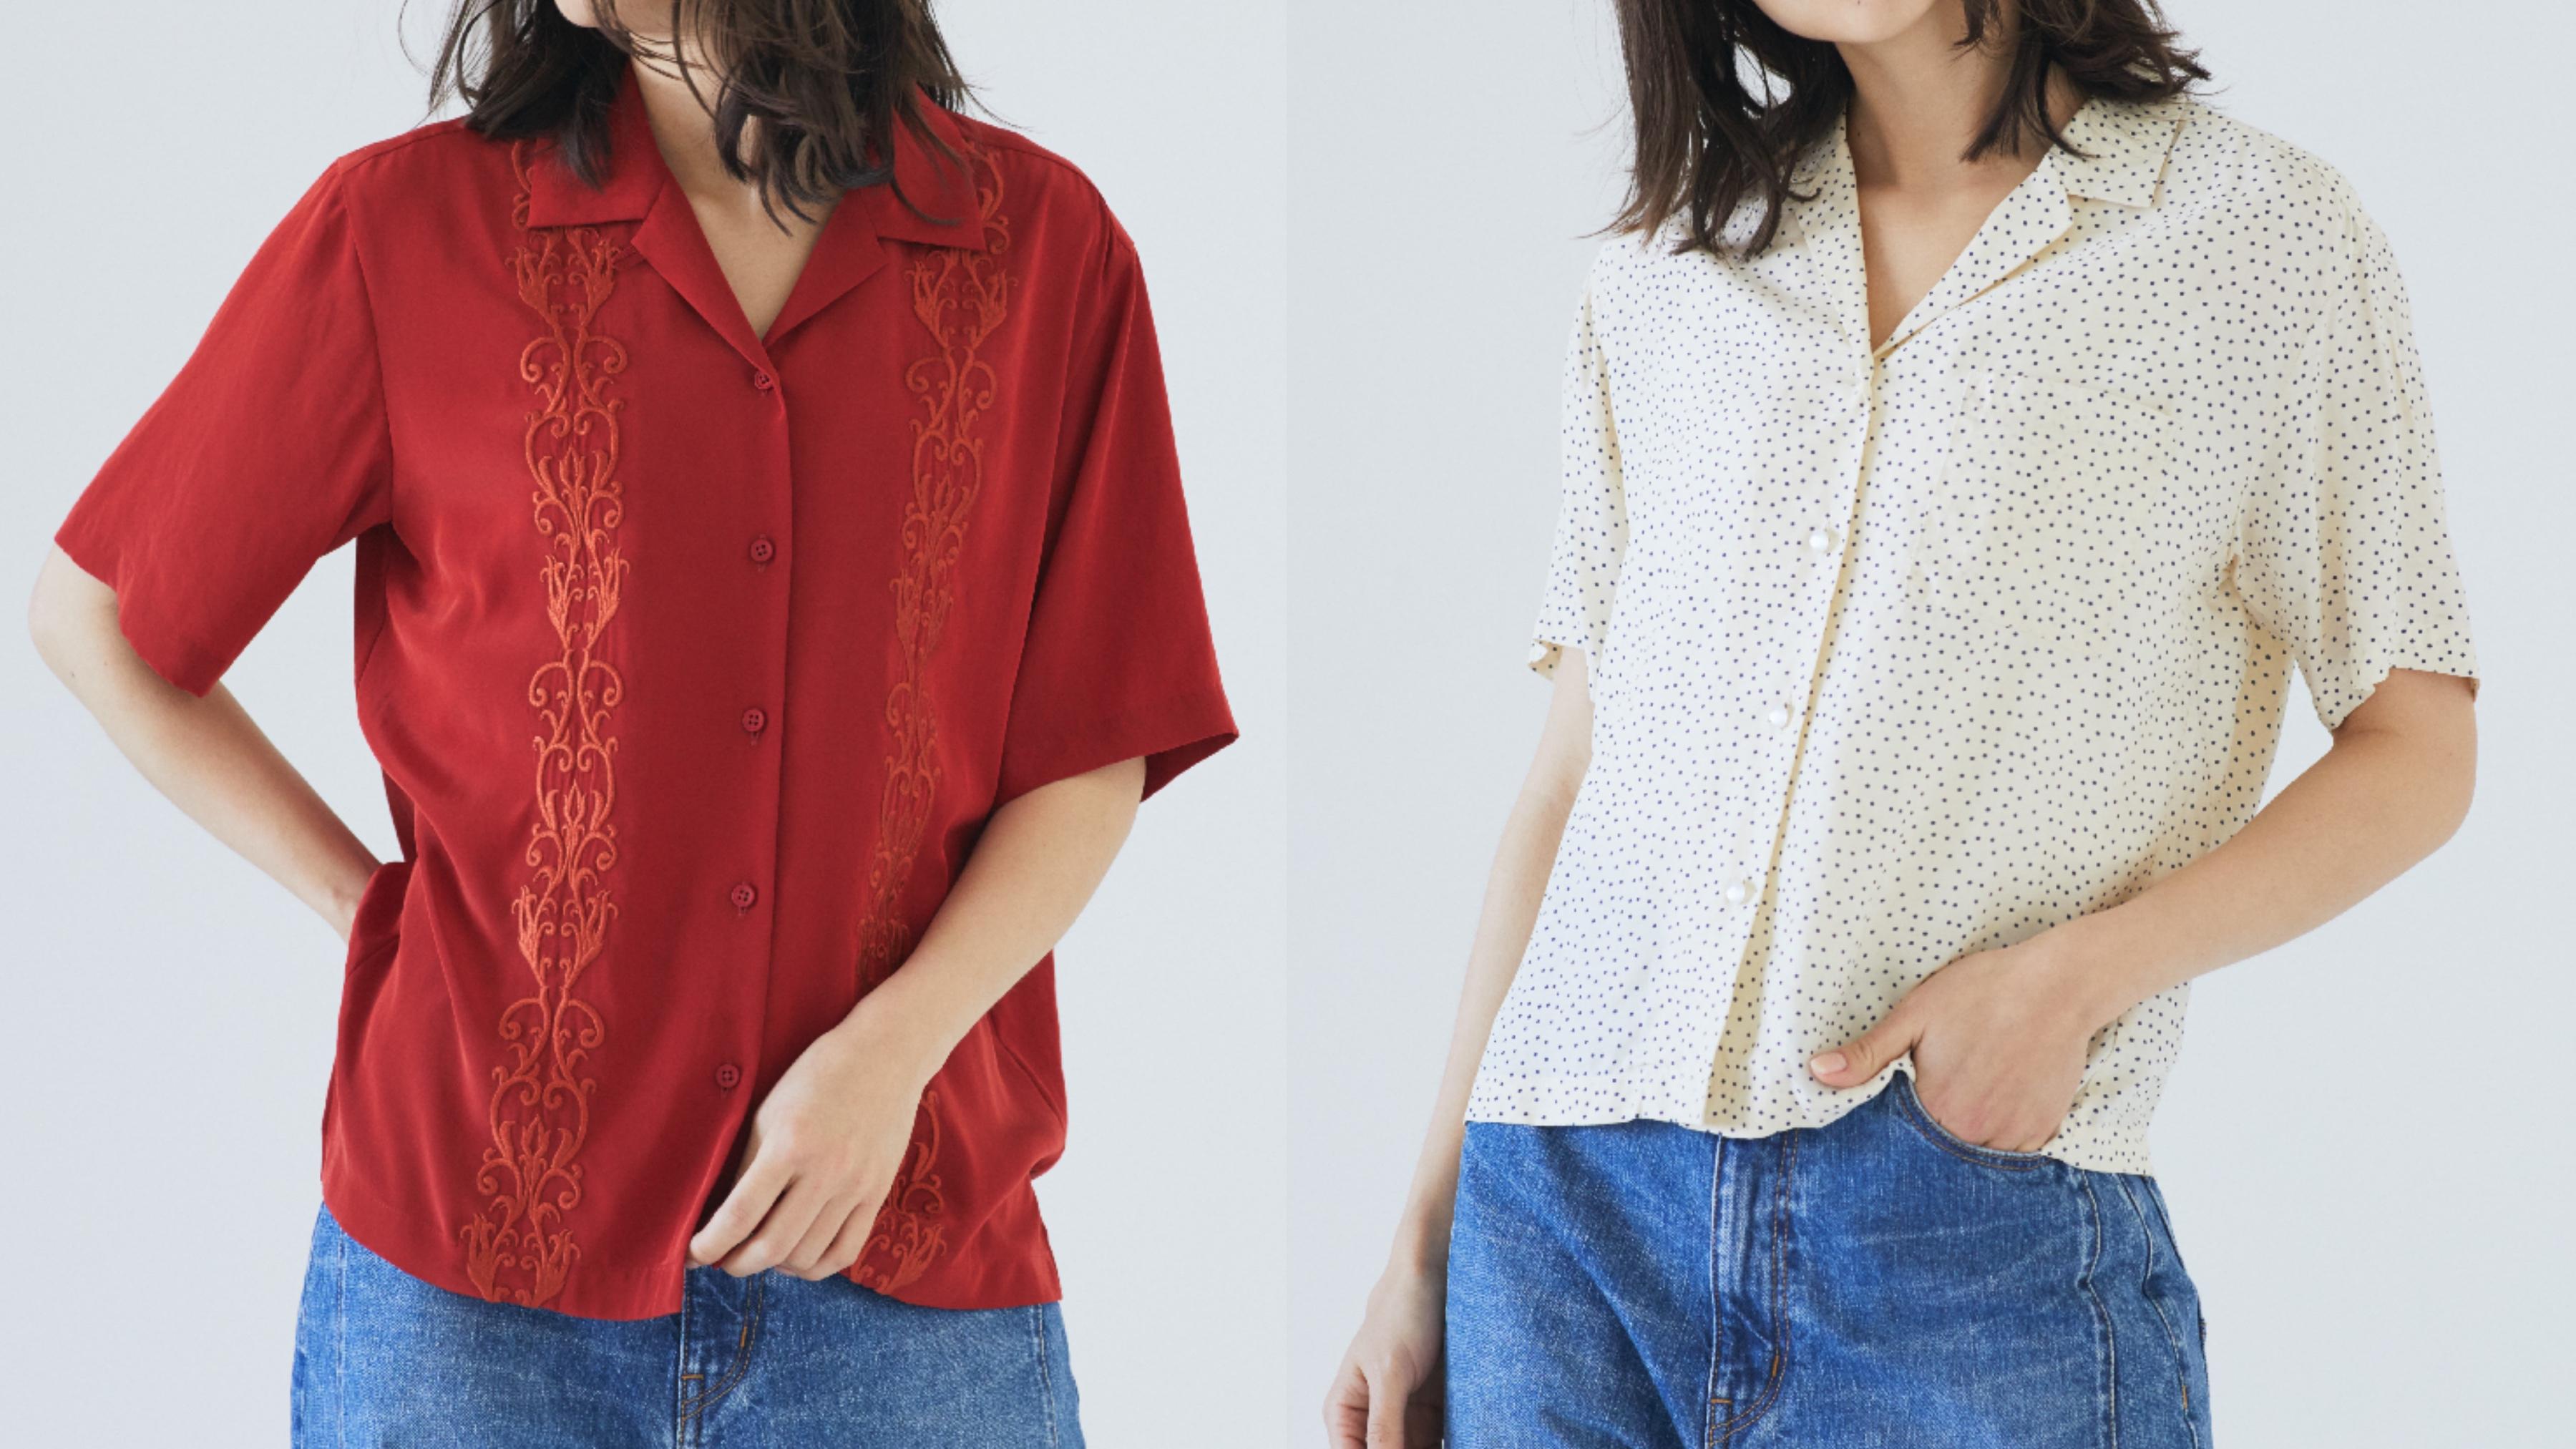 レイドバックなムードが魅力! 開襟シャツで初夏を彩る